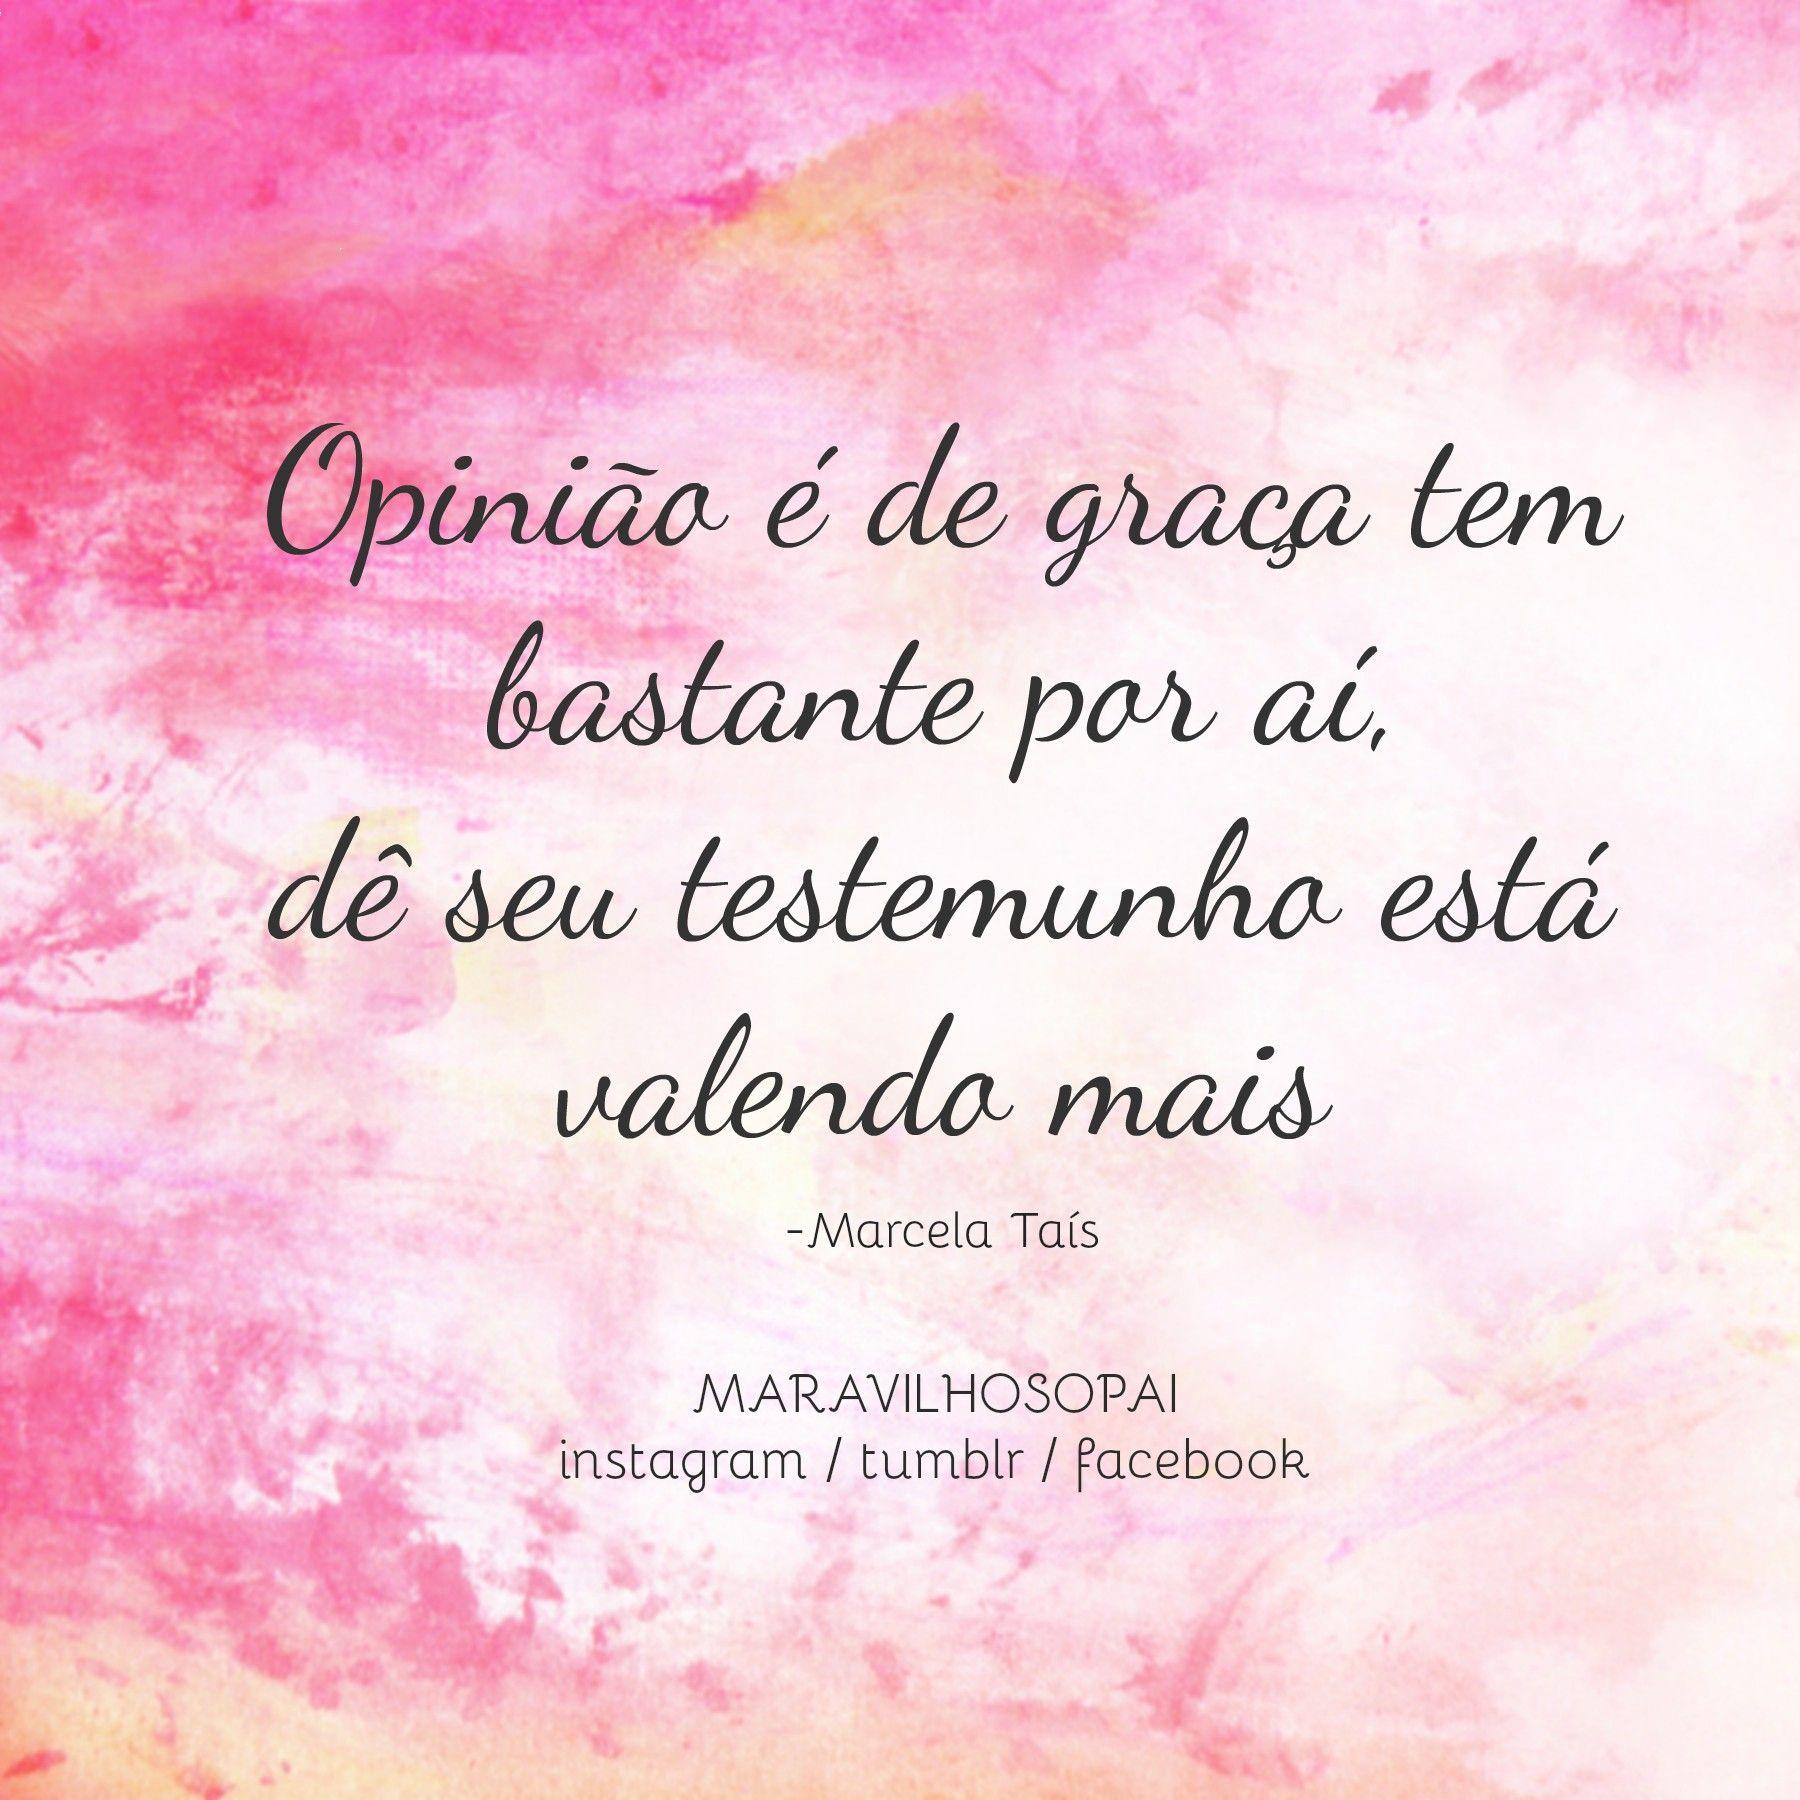 #maravilhosopai #fé #faith #amor #godbless #citações #pensamentos #marcelataís #testemunho